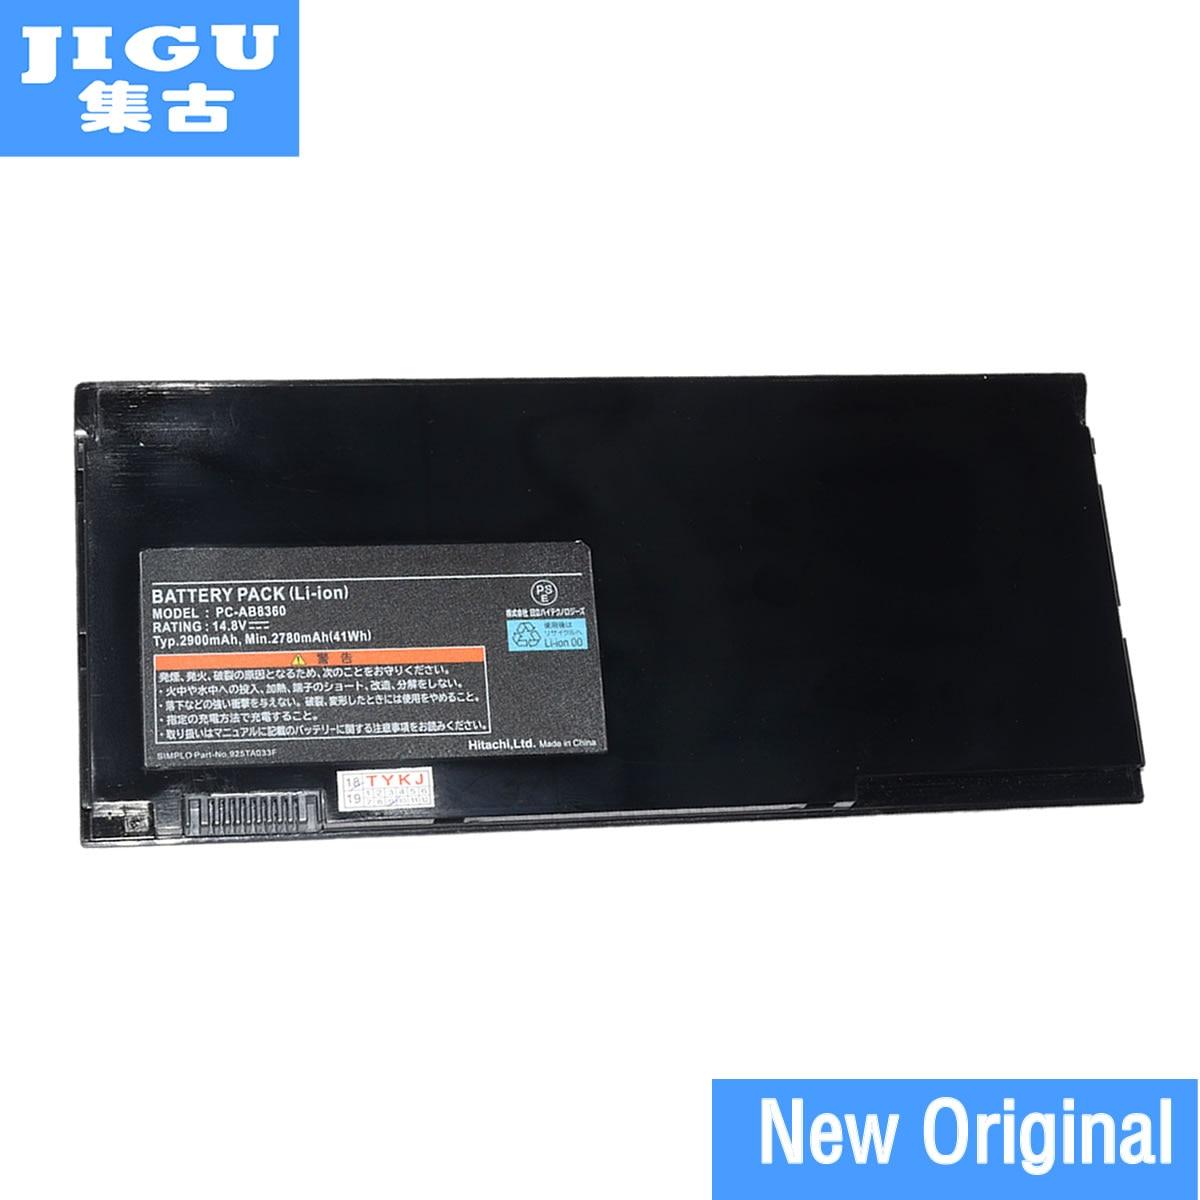 JIGU original batería para ordenador portátil, BTY-S31 BTY-S32 para MSI S30 X320 X320X X340 X340X X350 X350X X360 X360X X370 X370X X400